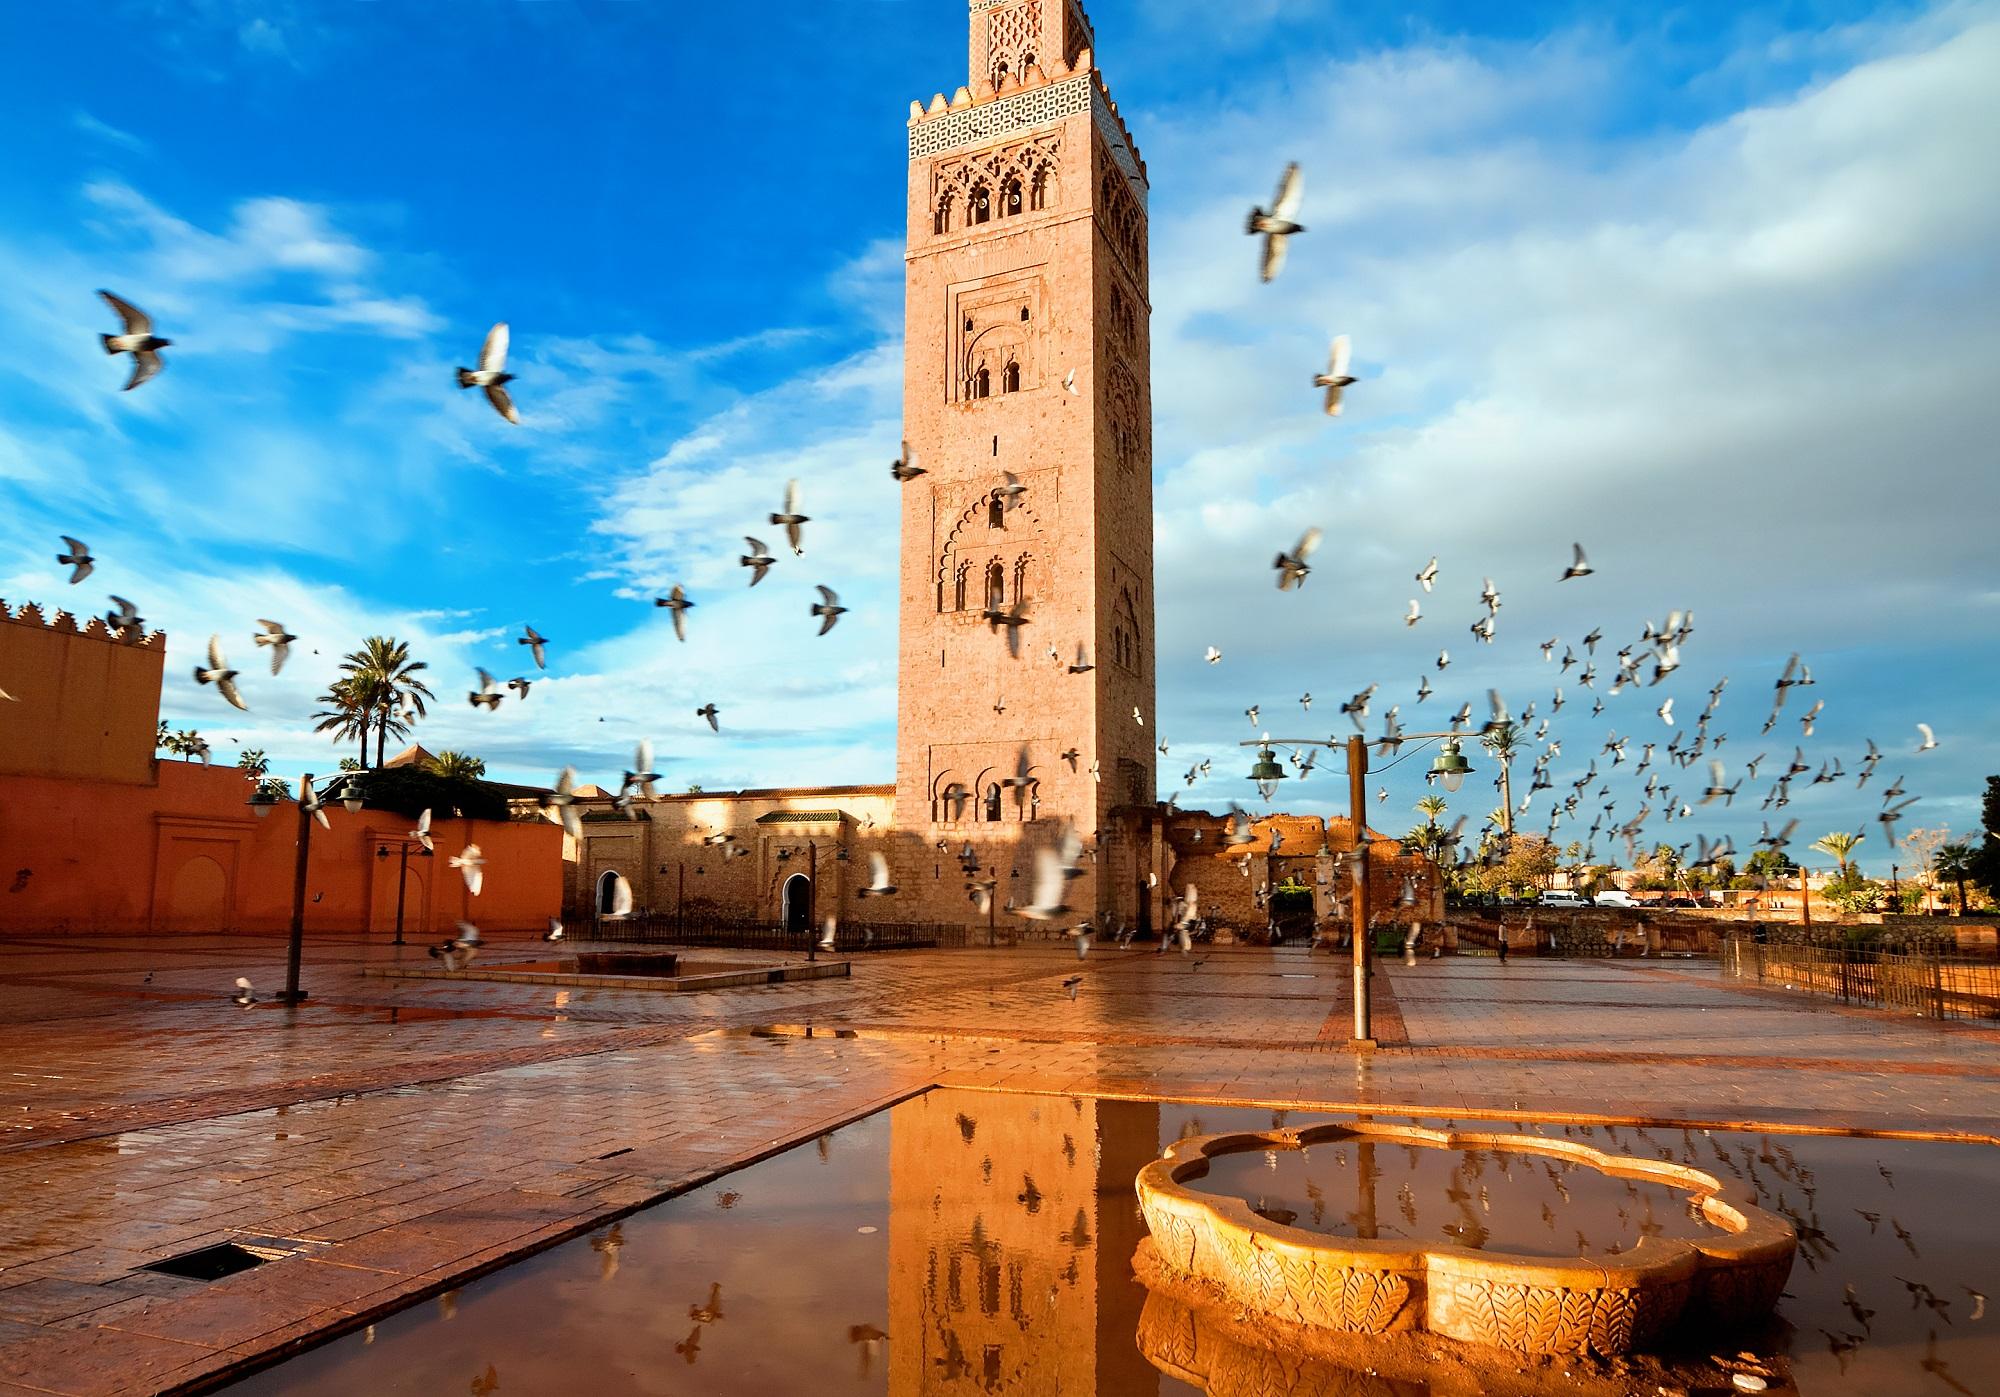 Marrakech, Sehenswürdigkeiten in Marokko